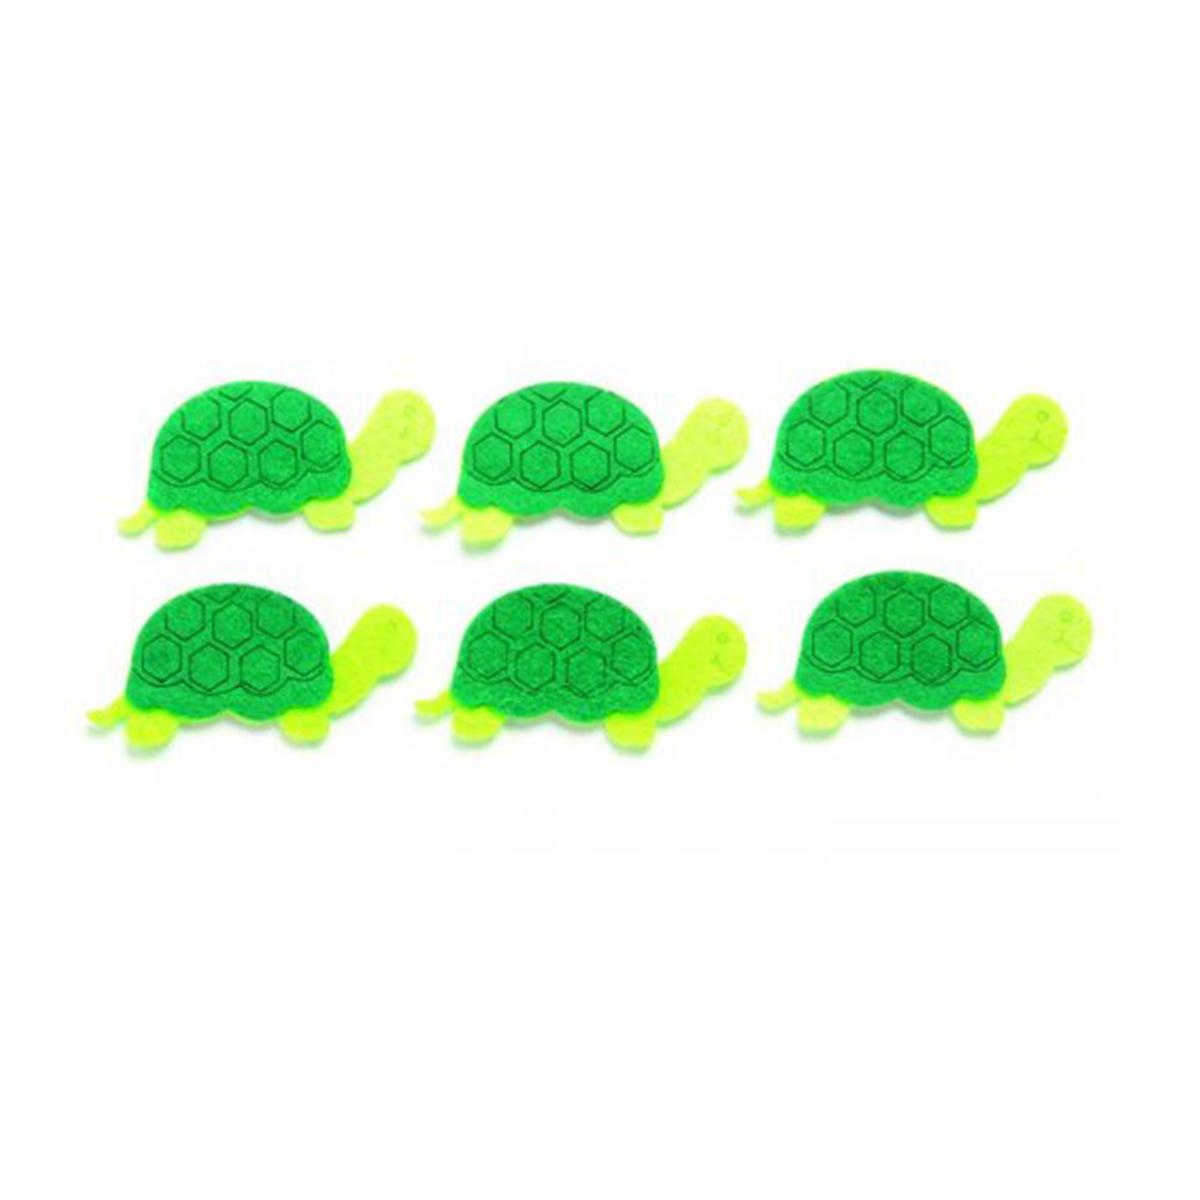 Фигурки из фетра Glorex Черепахи, цвет: зеленый, 7 см, 6 шт09840-20.000.00Фетр пользуется большой популярностью среди рукодельниц. Его любят за эстетичный вид, практичность и отличную текстуру. Из данного материала вашему вниманию предлагаются заготовки Glorex. Широкое разнообразие цветов и форм поможет реализовать творческие задумки и гармоничным образом дополнить ваше творение. Из фетра можно создавать обложки для книг, ежедневников, игрушки, декоративные чехлы для подушек и многое, многое другое.